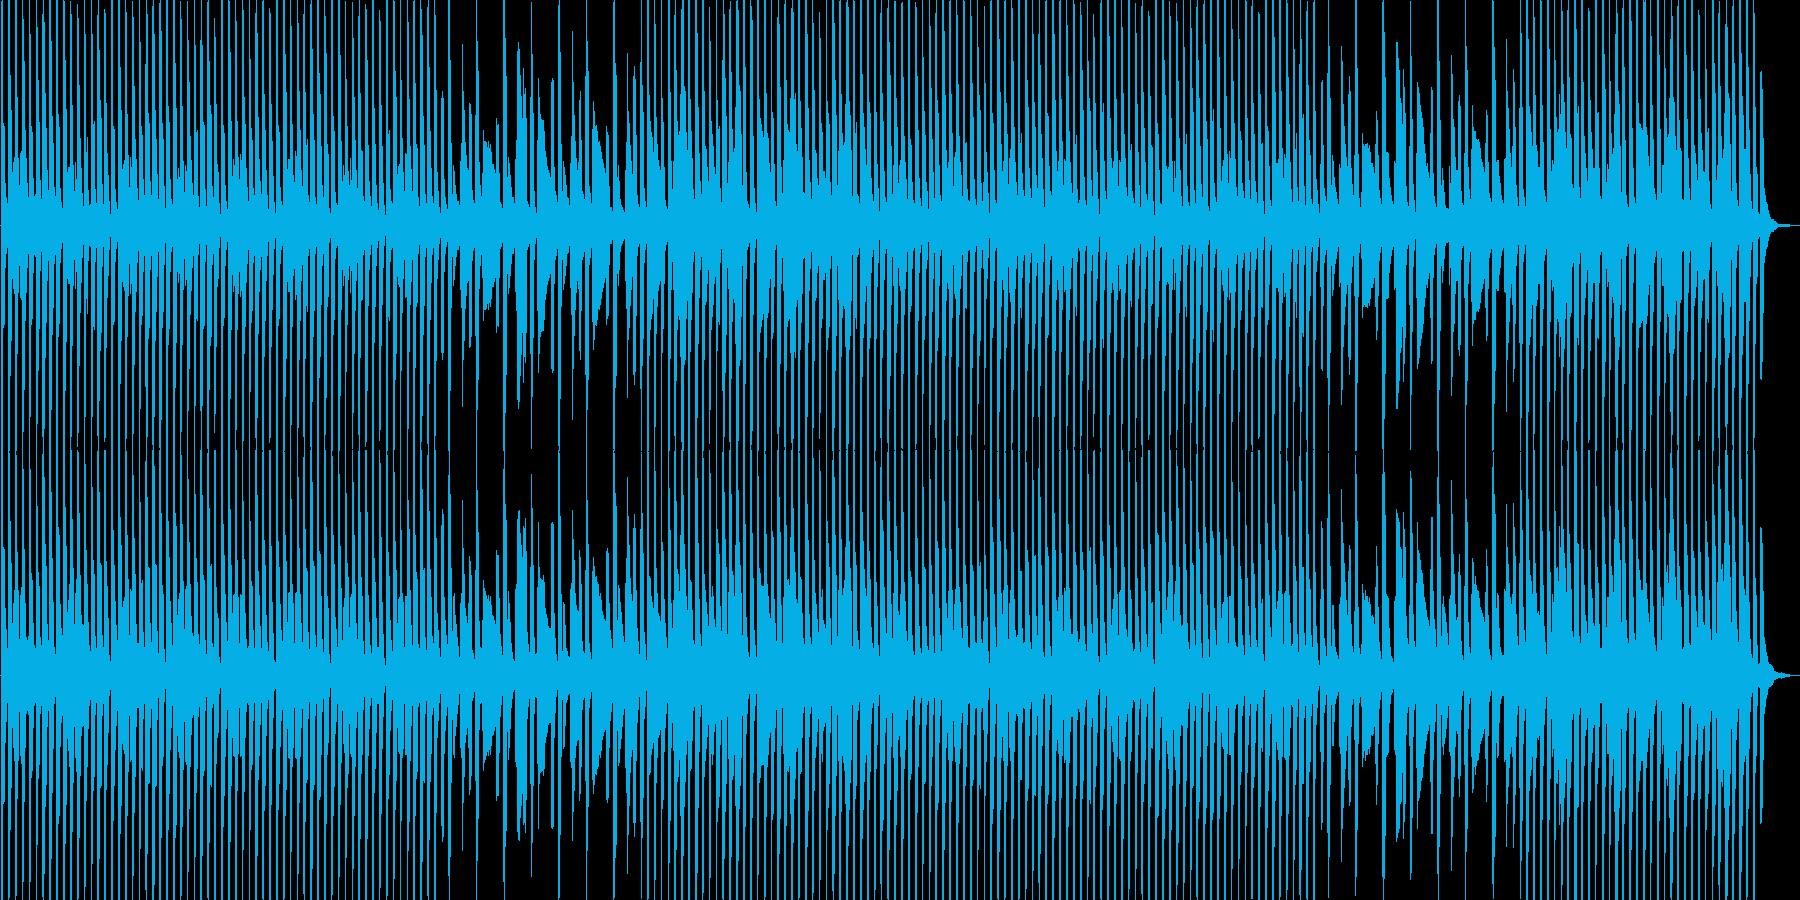 ポップでコミカルな印象の音源の再生済みの波形